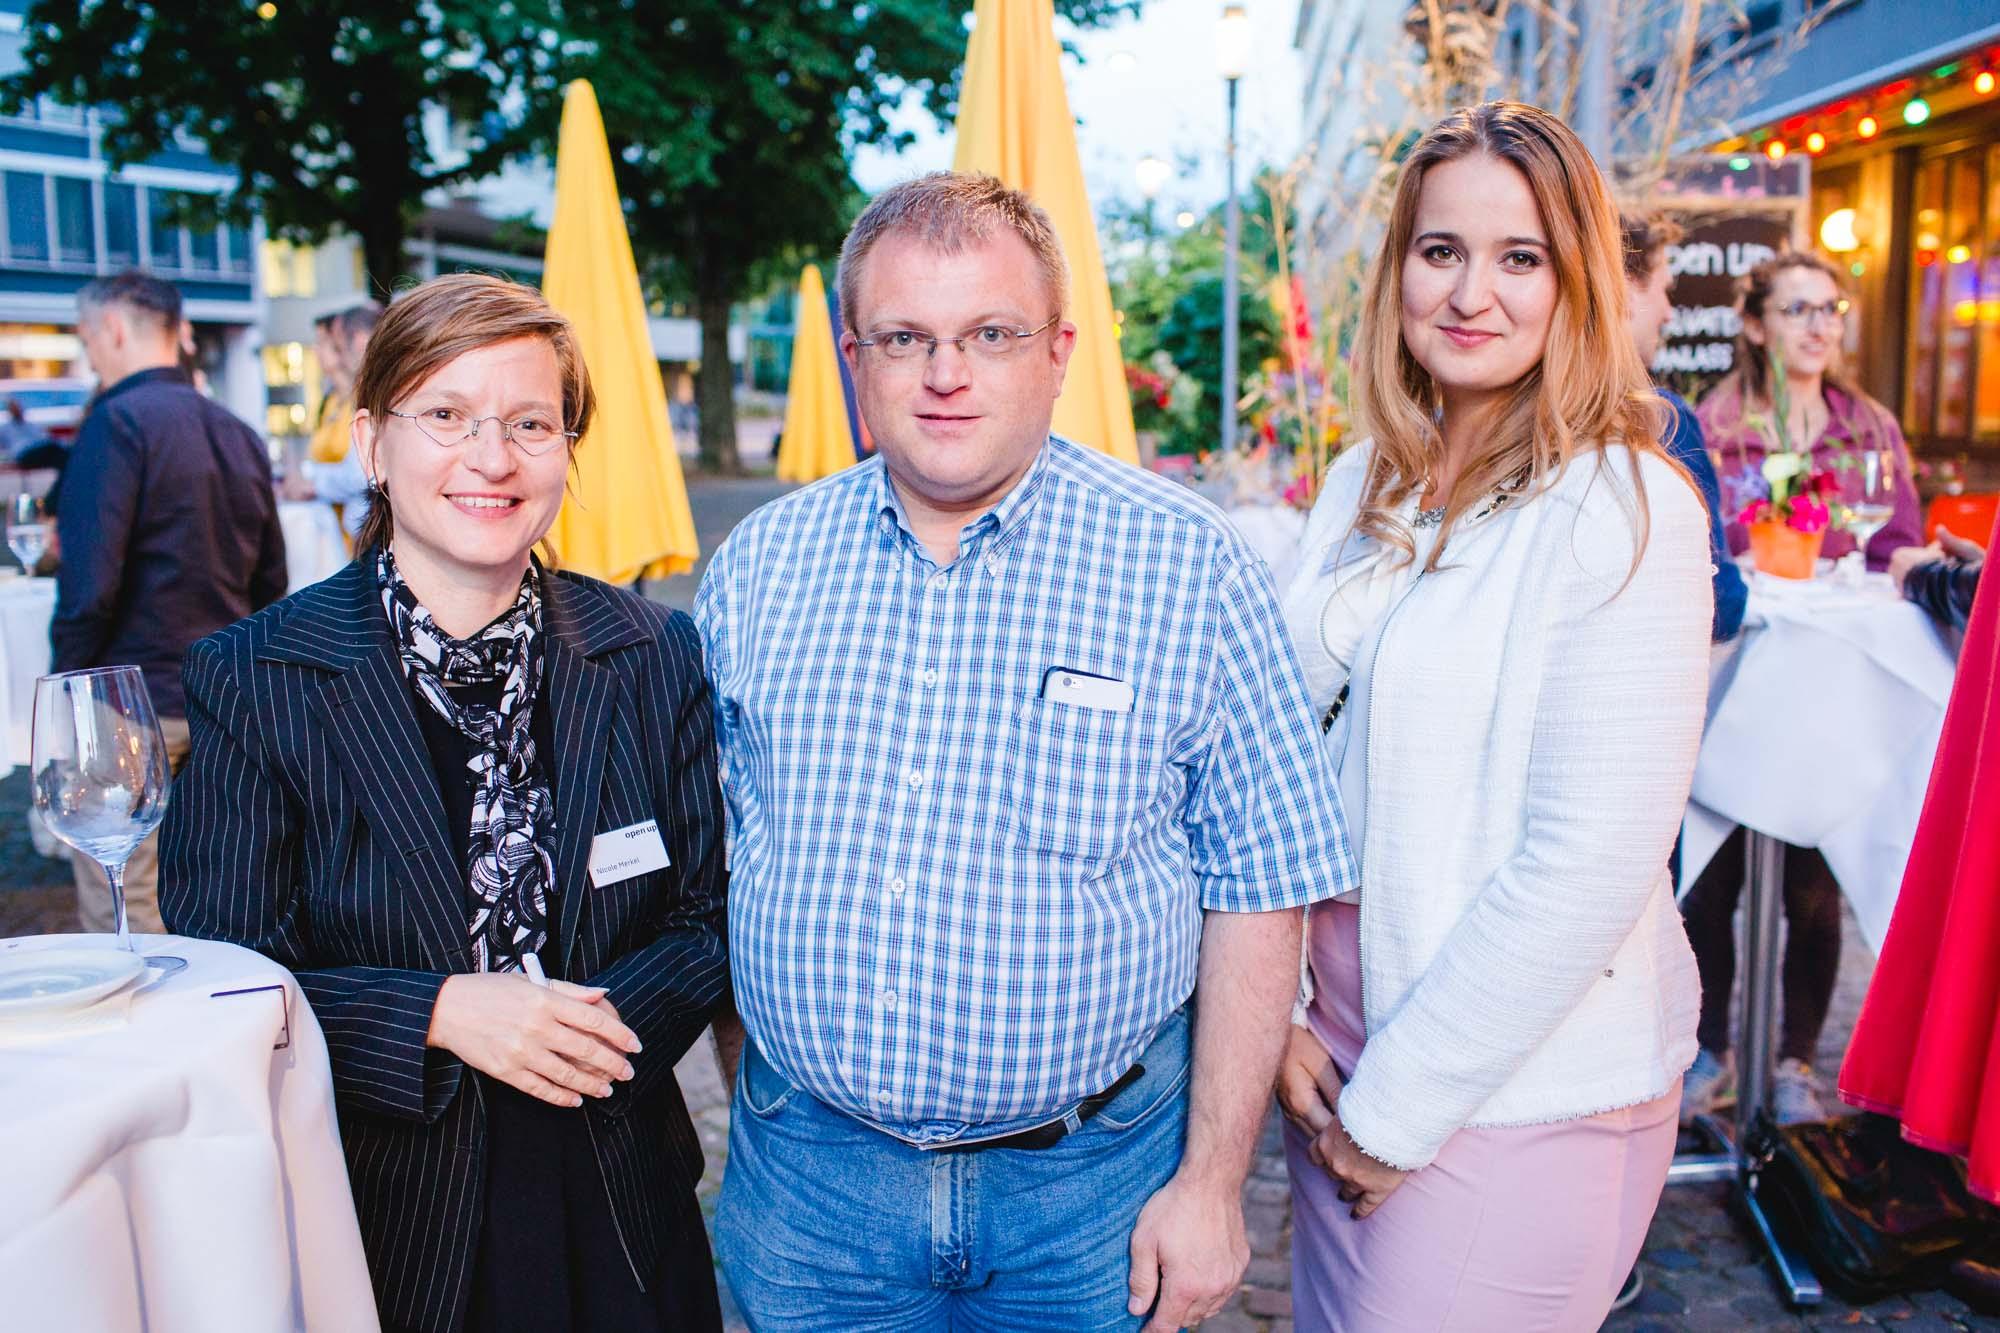 Nicole Merkel, Ralph Beyeler and Ramilya Iftodi